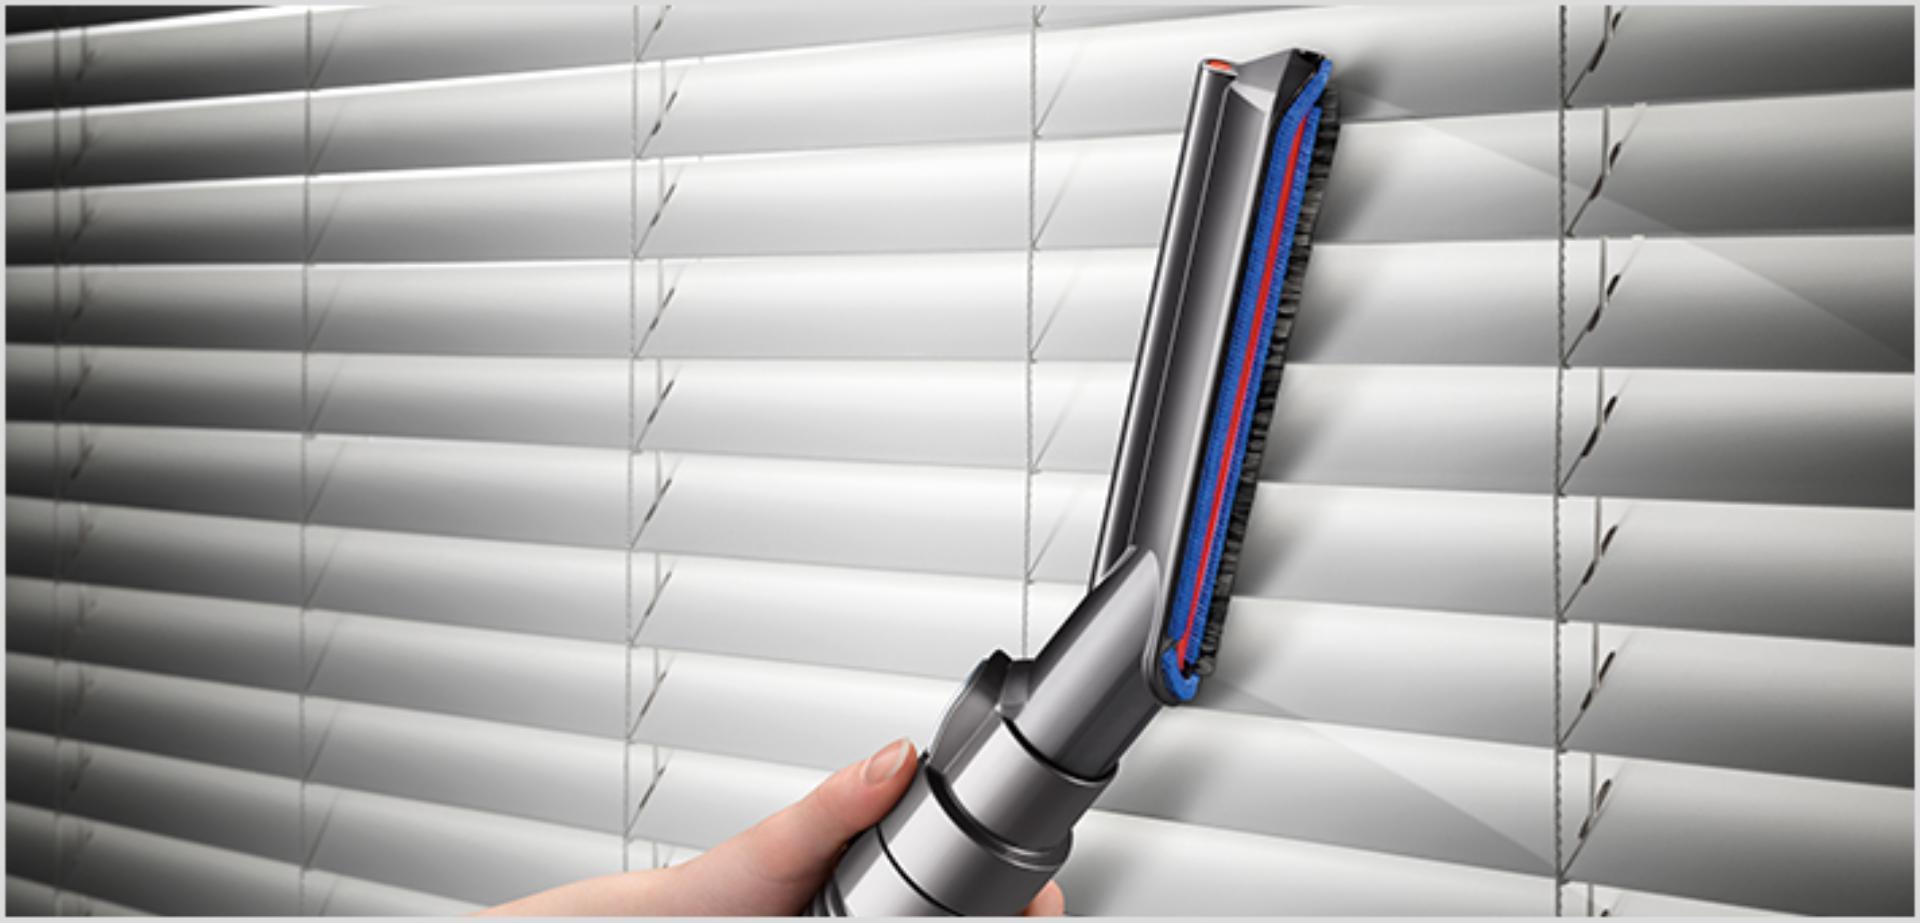 Carbon fibre soft dusting brush